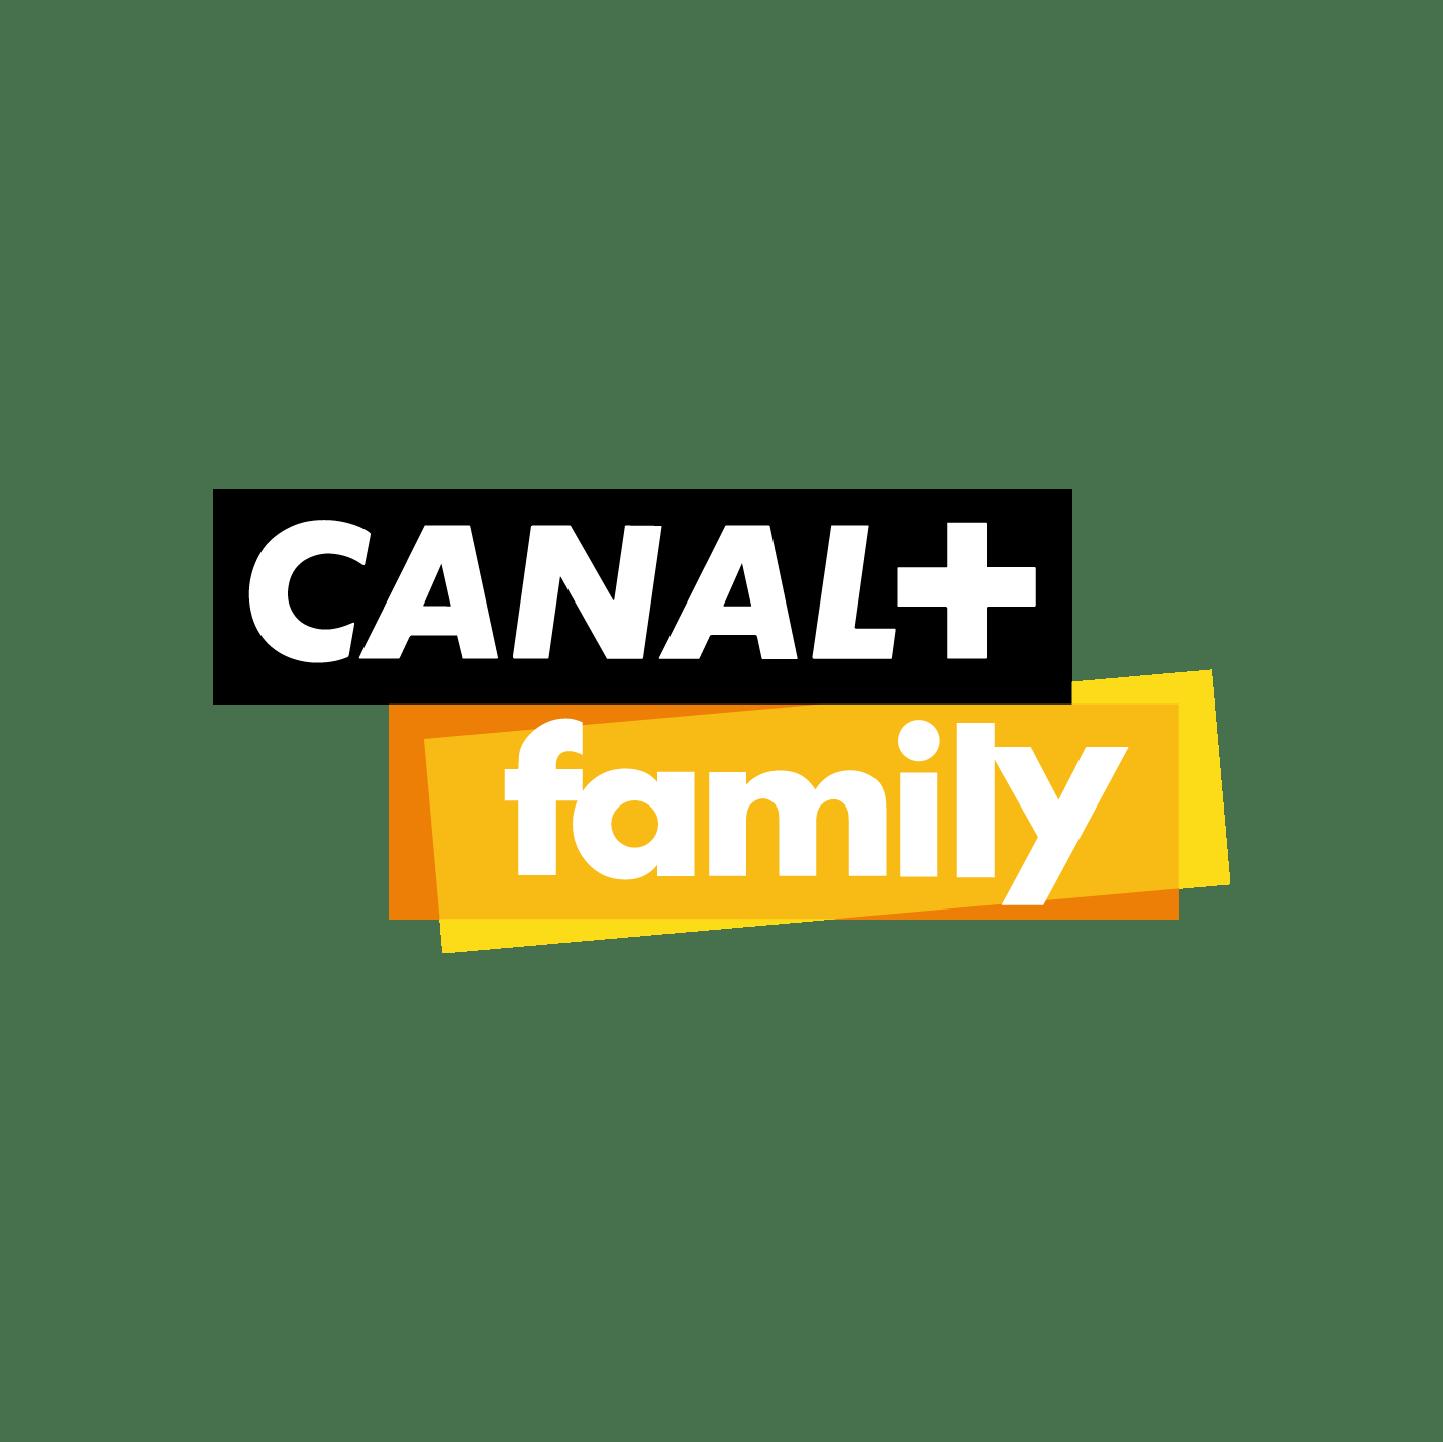 logo CANAL+ Family